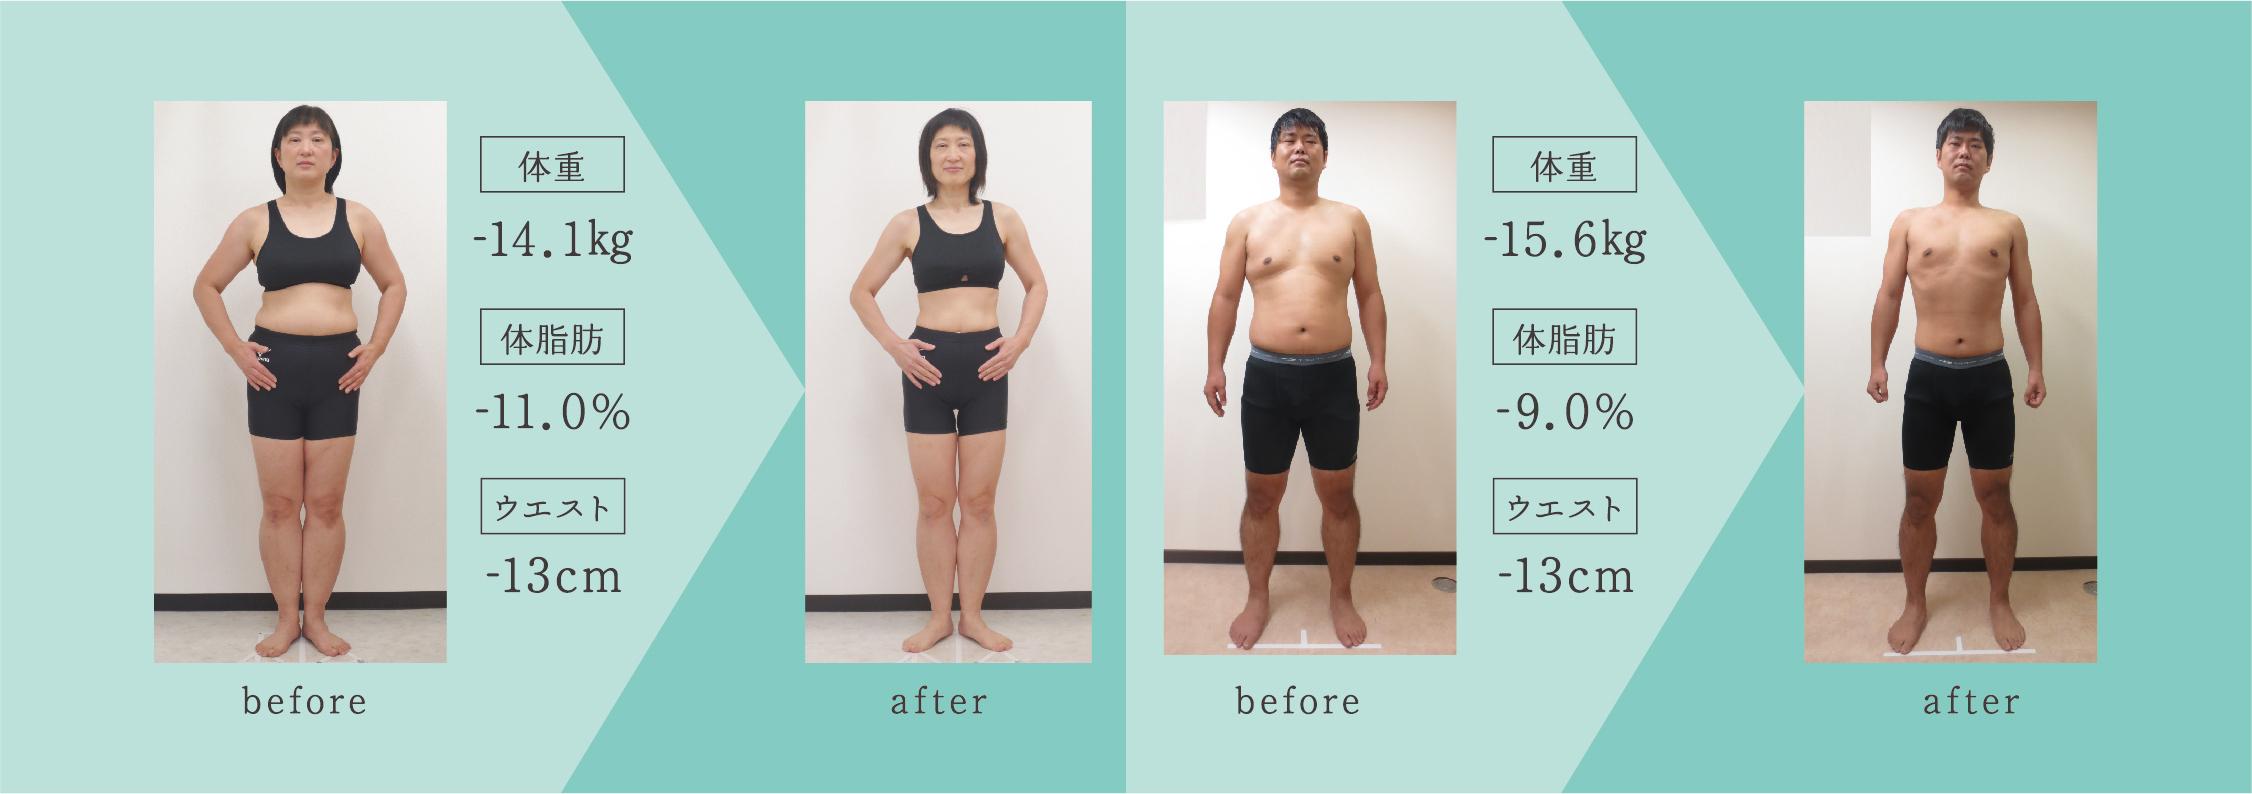 2ヶ月でリバウンドしない身体を作る